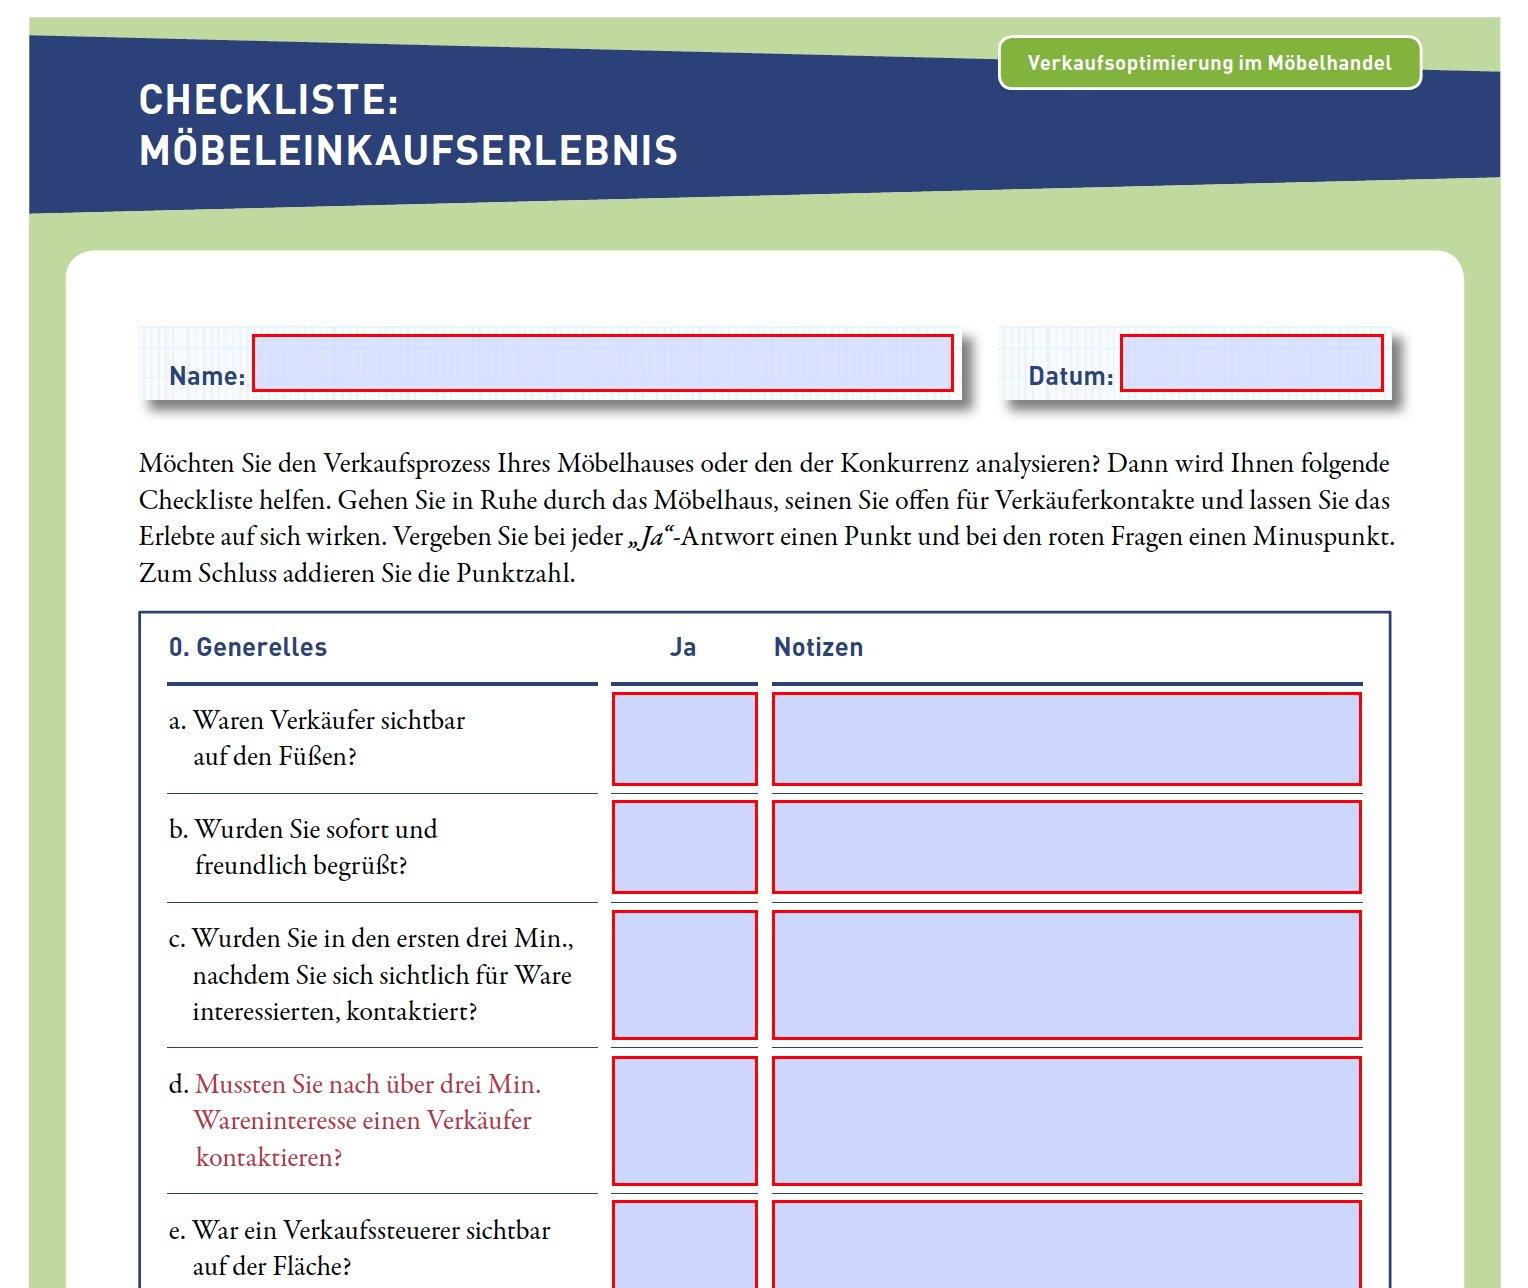 checkliste-einkaufserlebnis-möbelhaus-resized-600